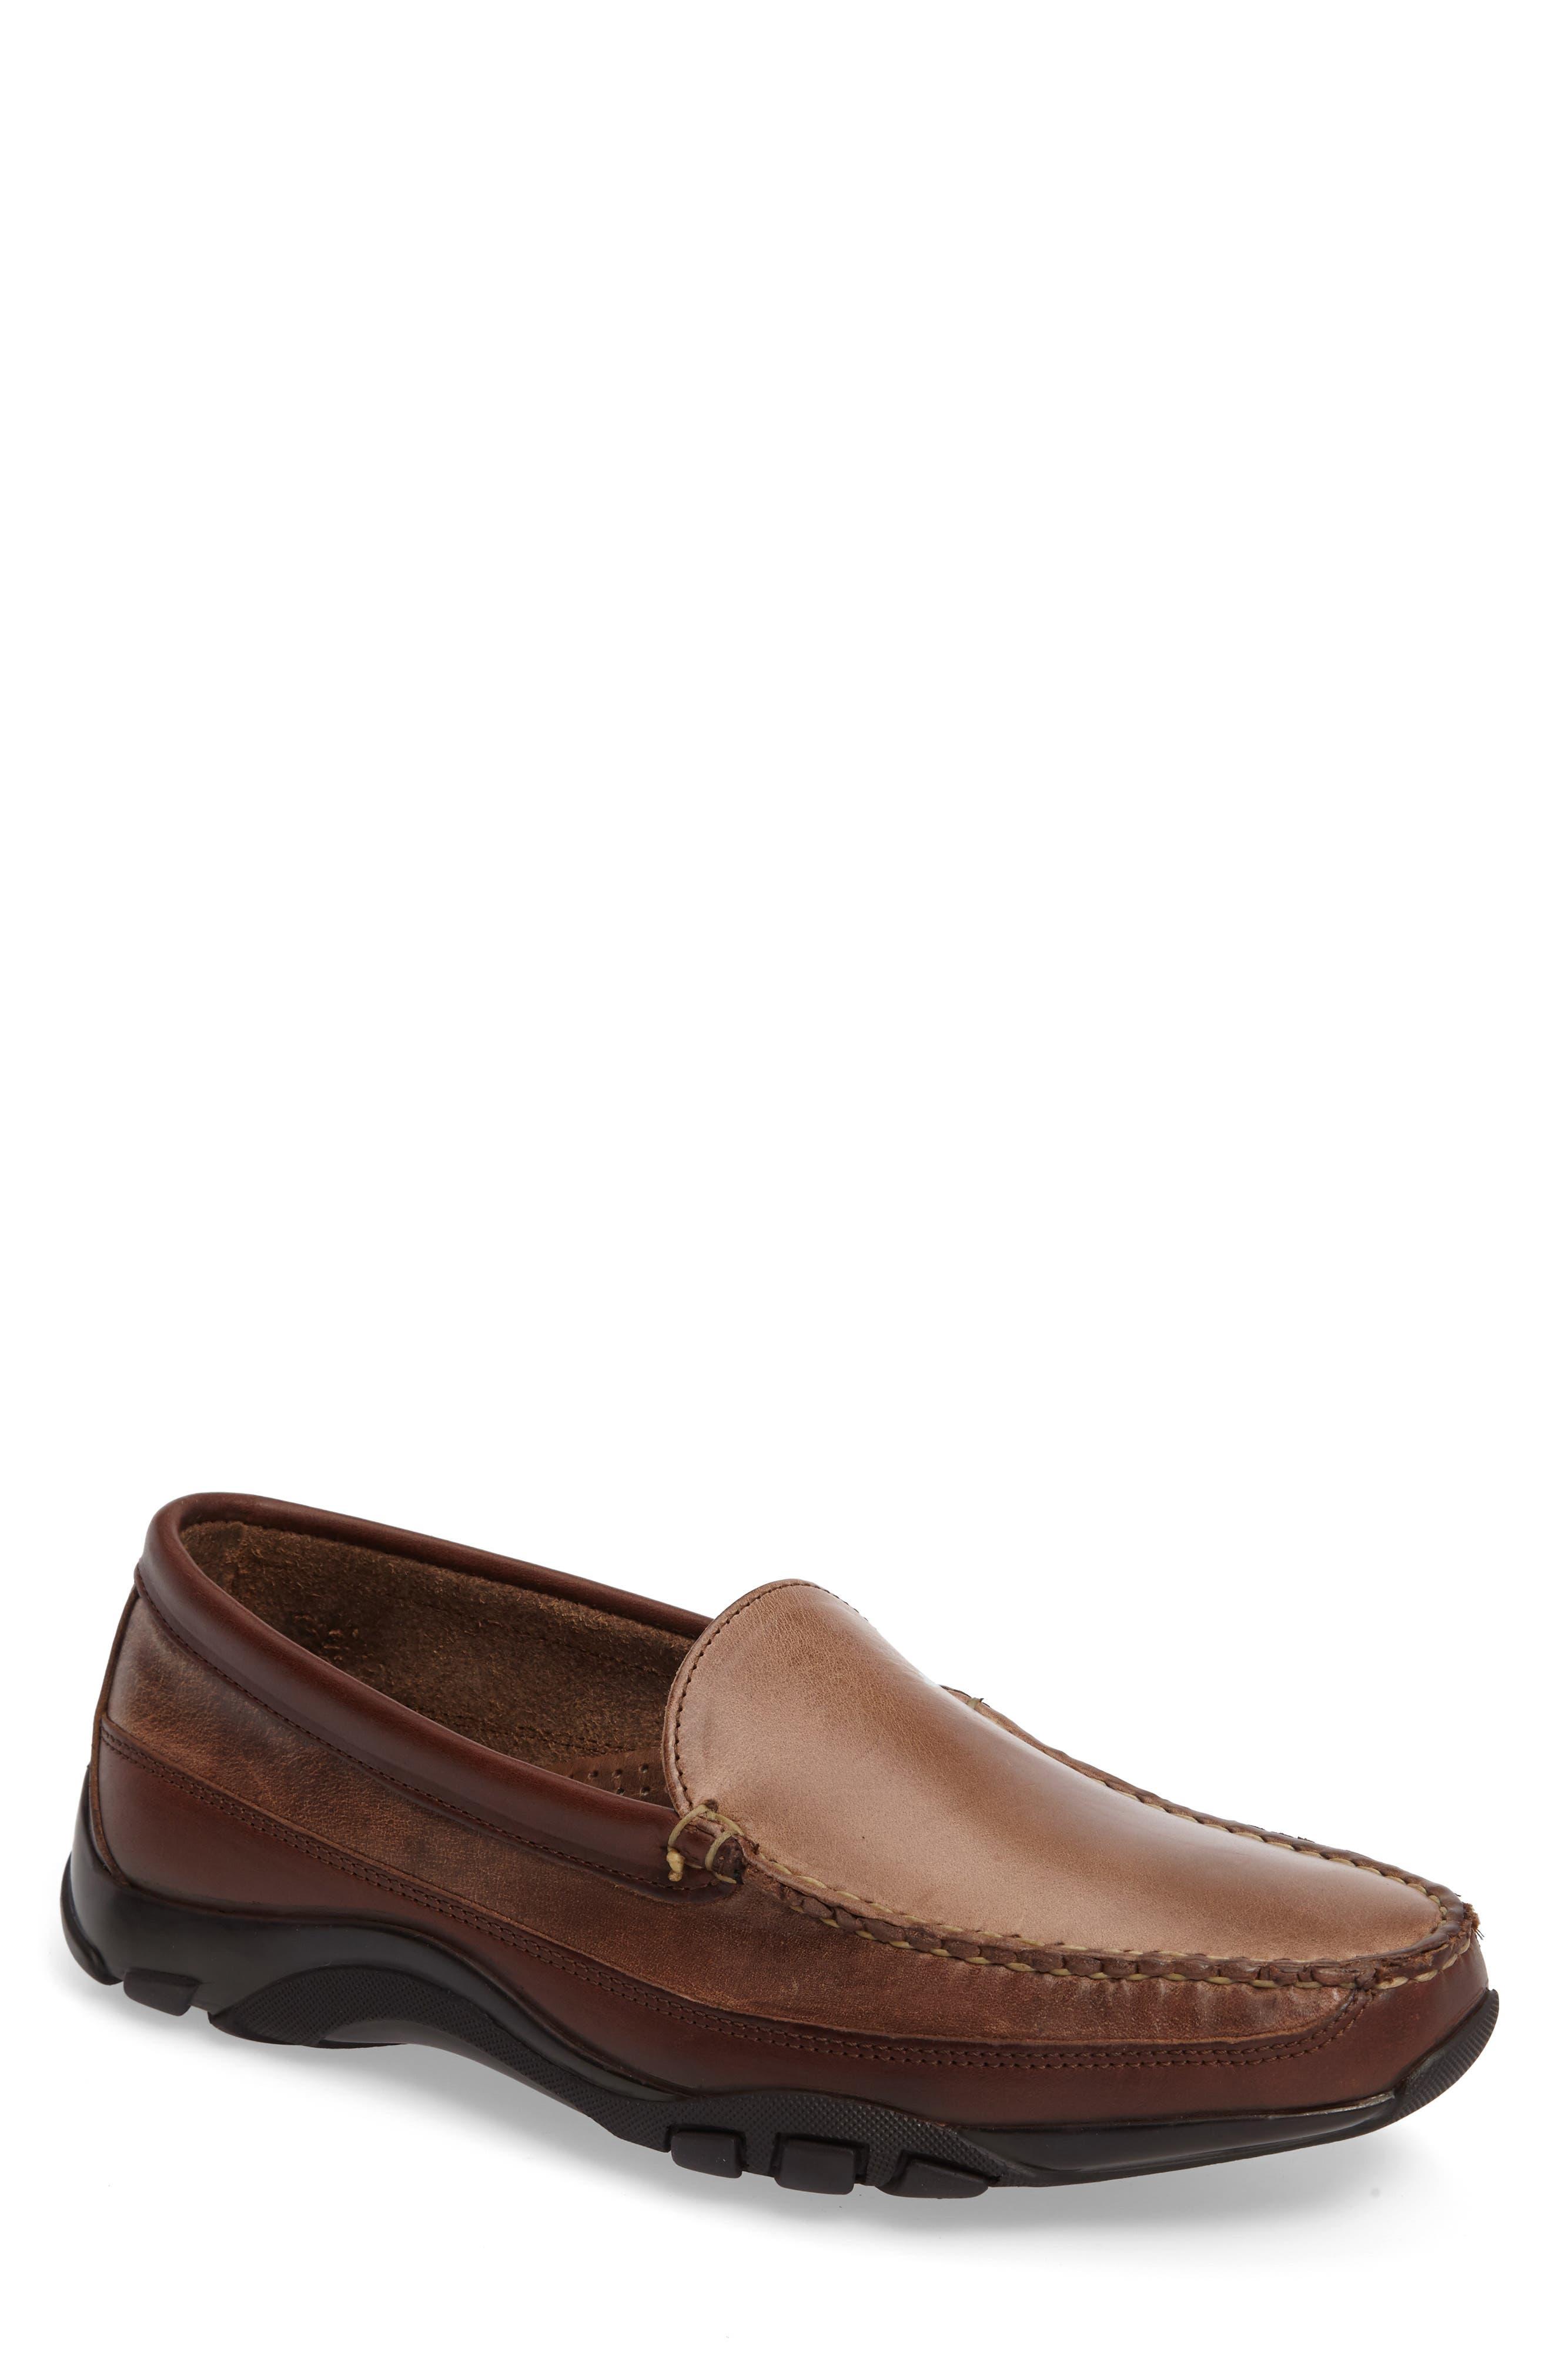 Alternate Image 1 Selected - Allen Edmonds 'Boulder' Driving Loafer (Men)